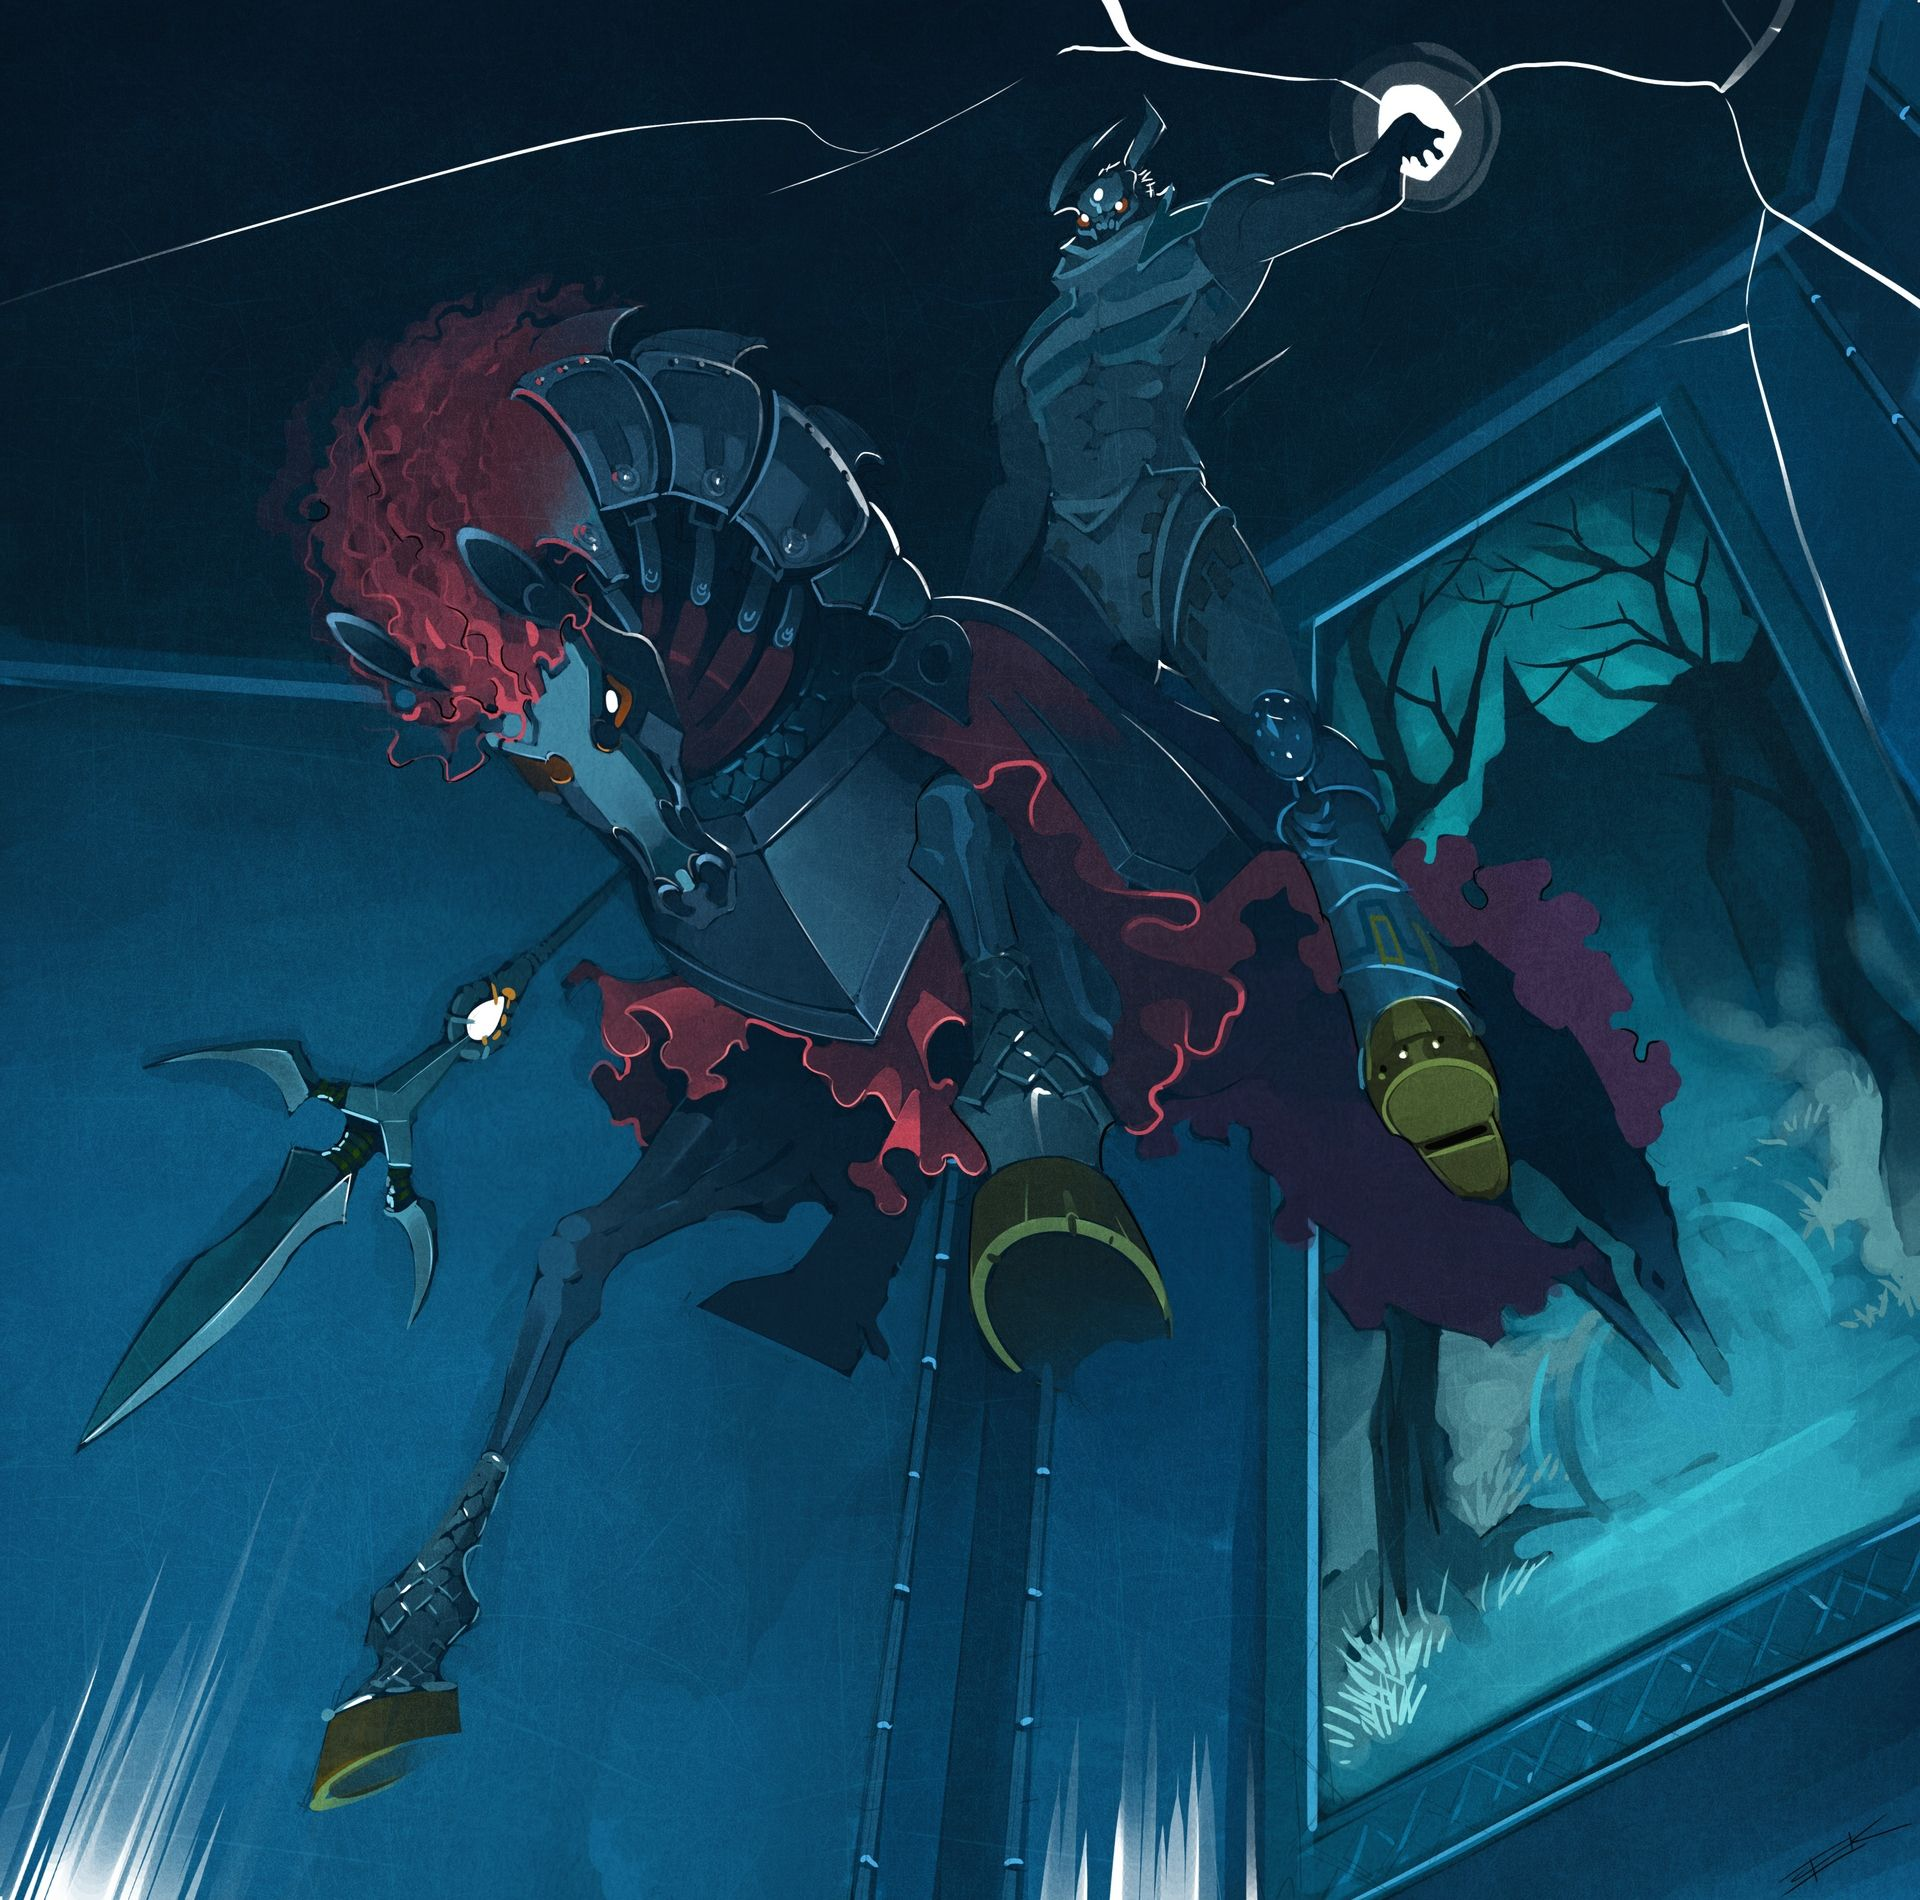 Great Phantom Ganon boss artwork from The Legend of Zelda